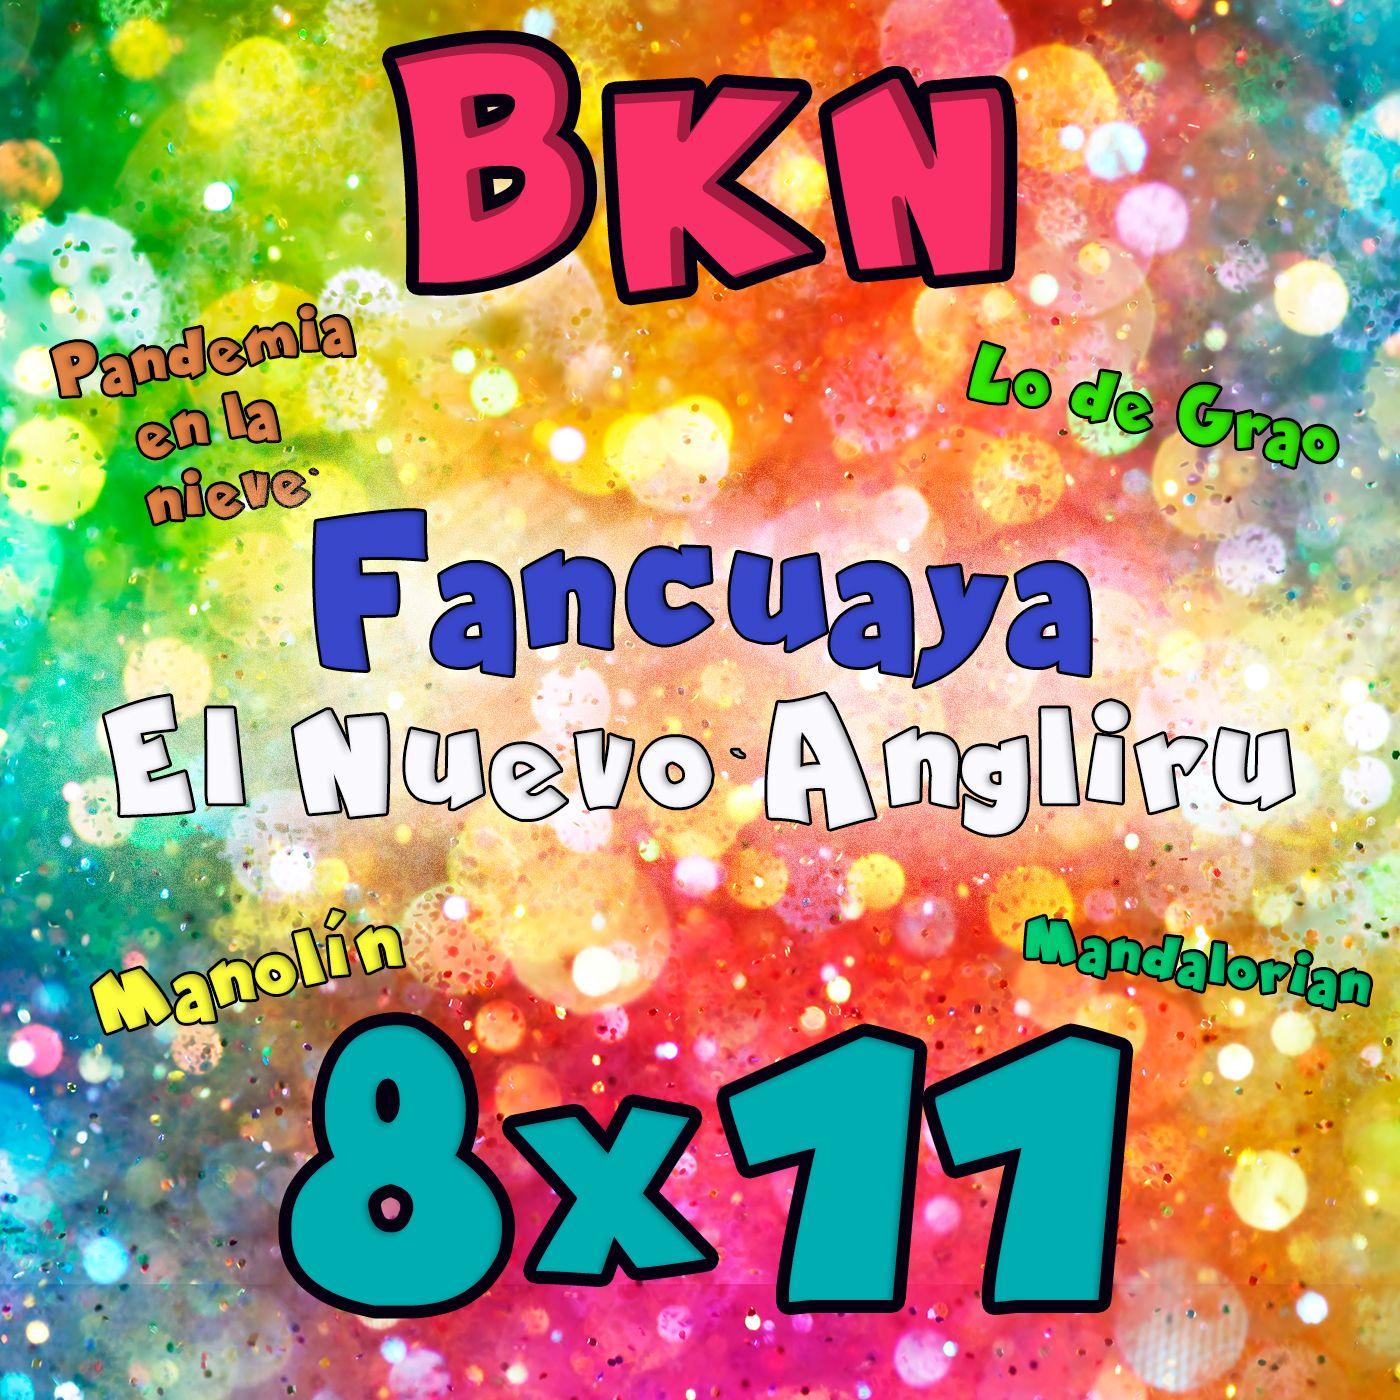 BKN 8x11 Fancuaya: ¿El Nuevo Angliru? Lo de la Pandemia. Manolín (parte3)